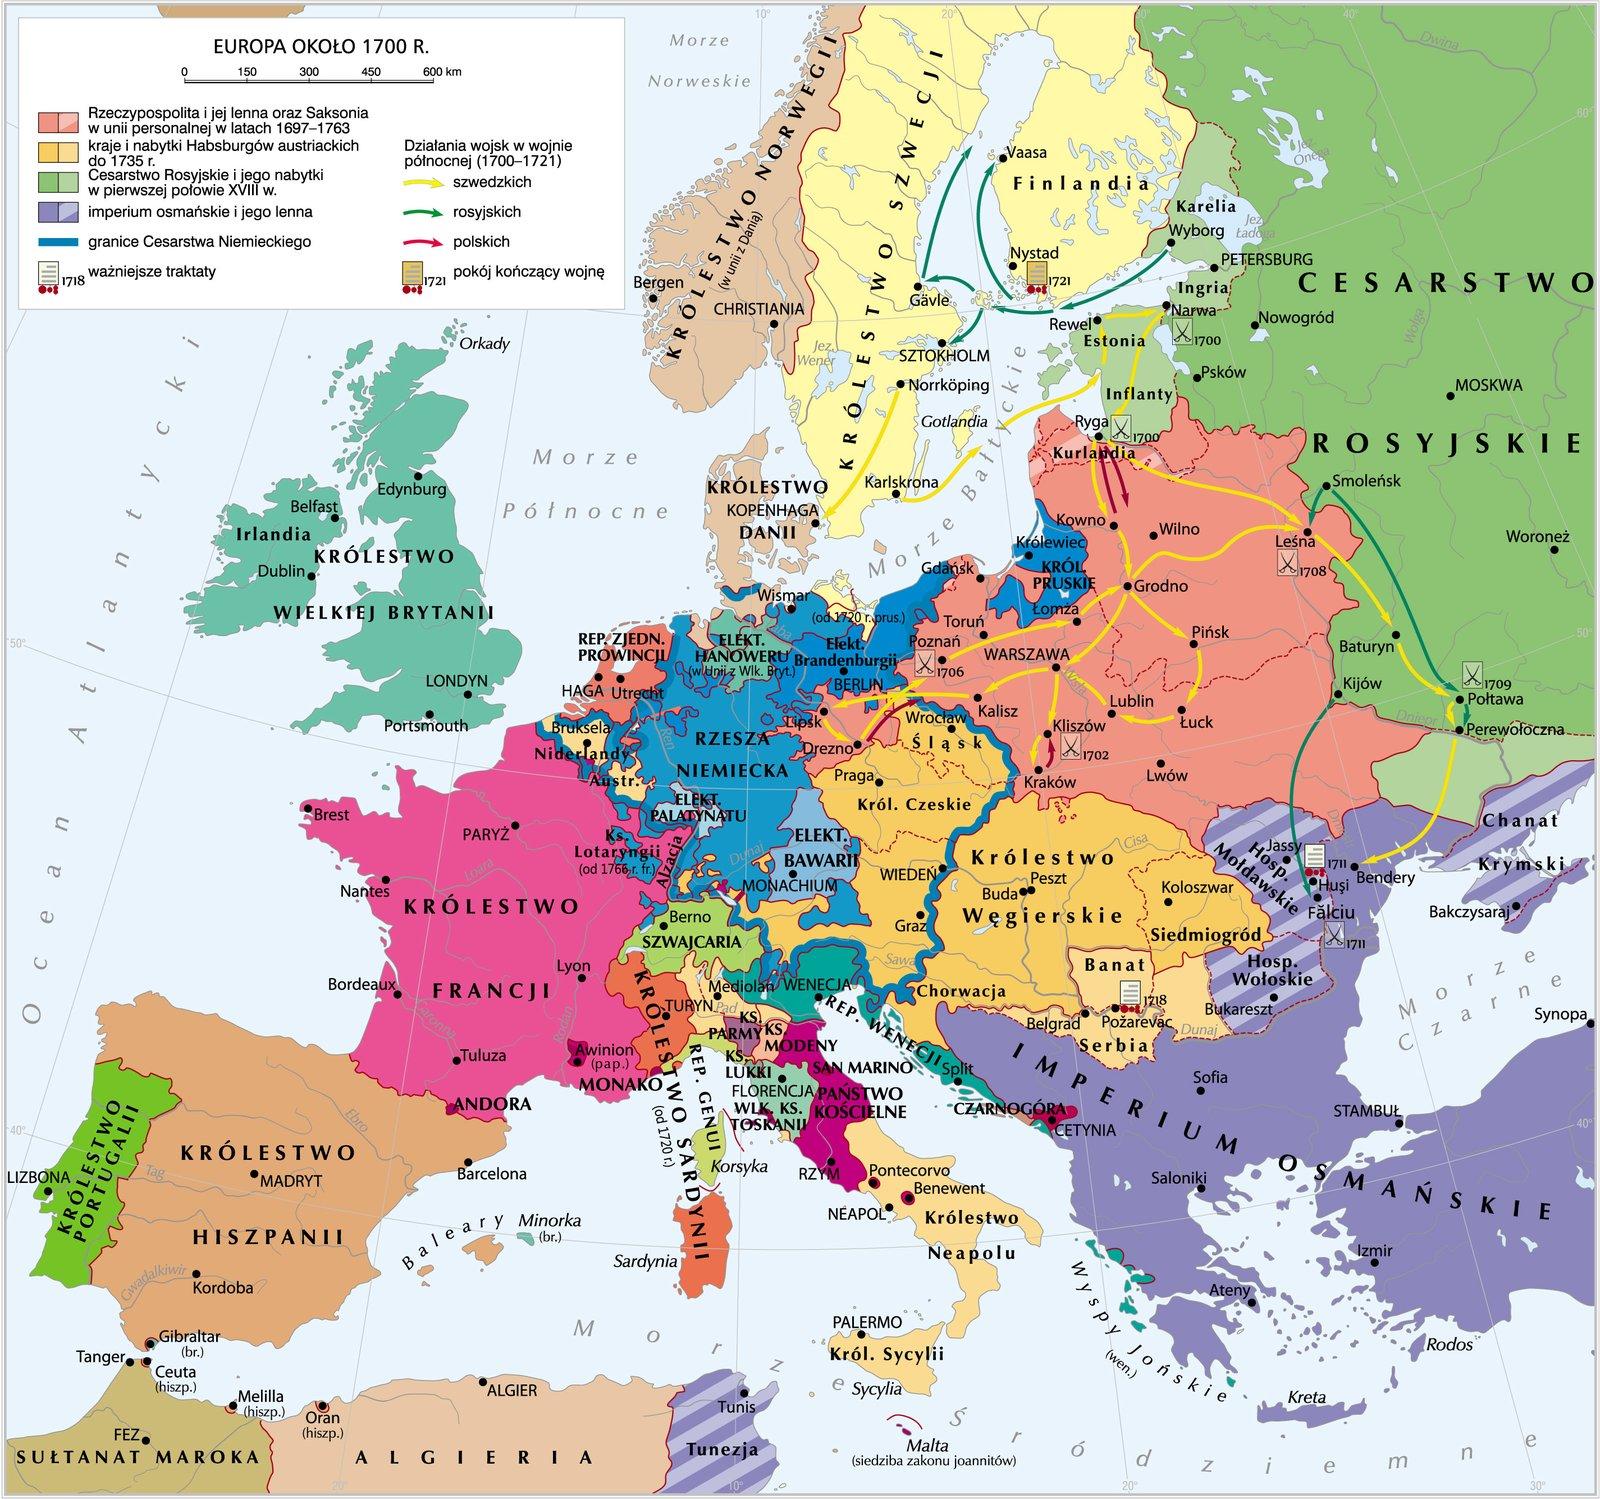 Europa ok. 1700 roku Europa ok. 1700 roku Źródło: Krystian Chariza izespół, licencja: CC BY 4.0.